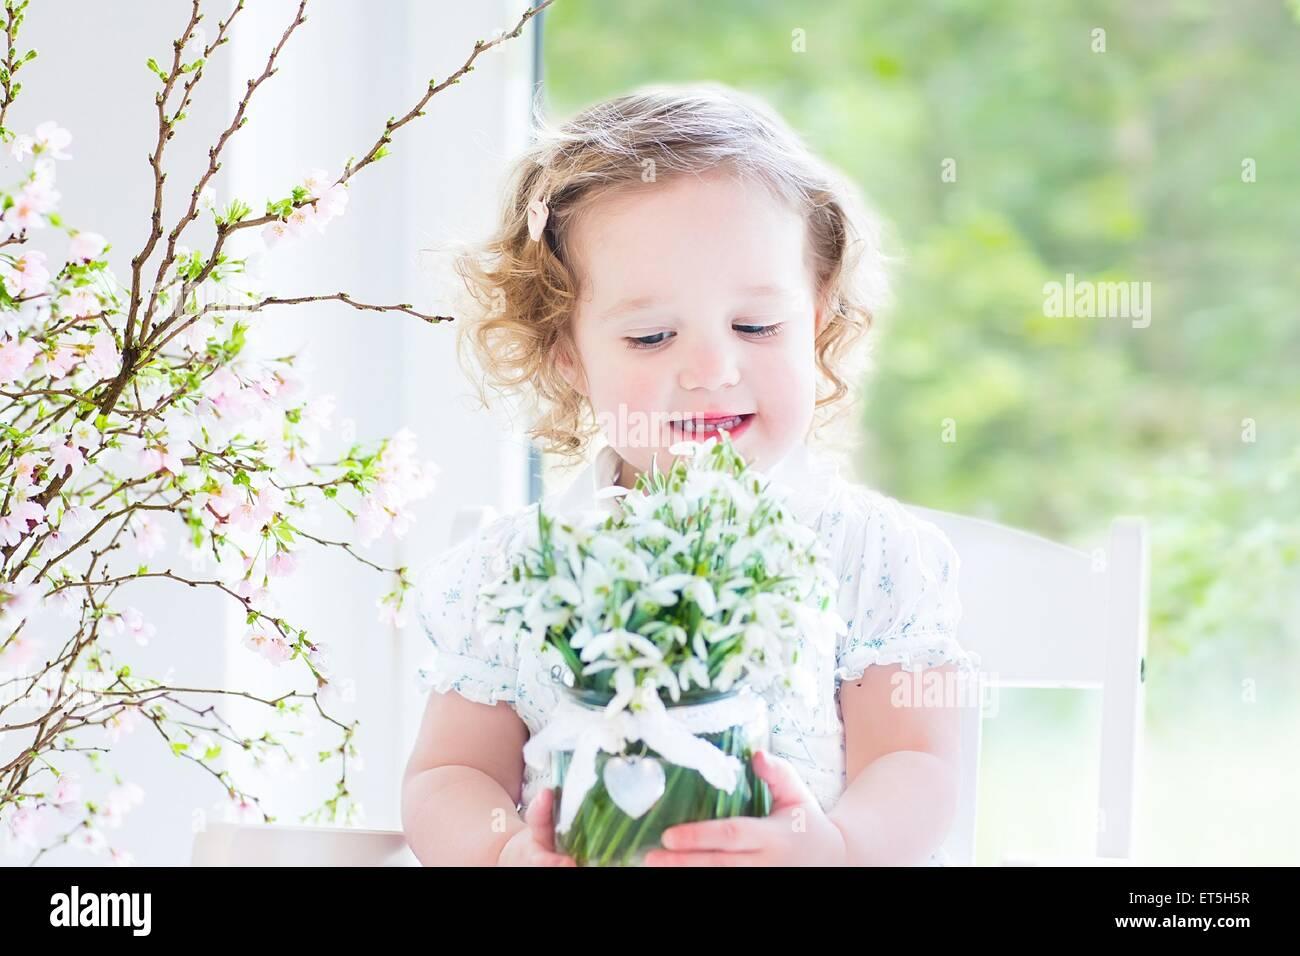 Bella la parentesi toddler ragazza in un abito bianco seduto in un bianco sedia a dondolo tenendo prima molla fiori Immagini Stock